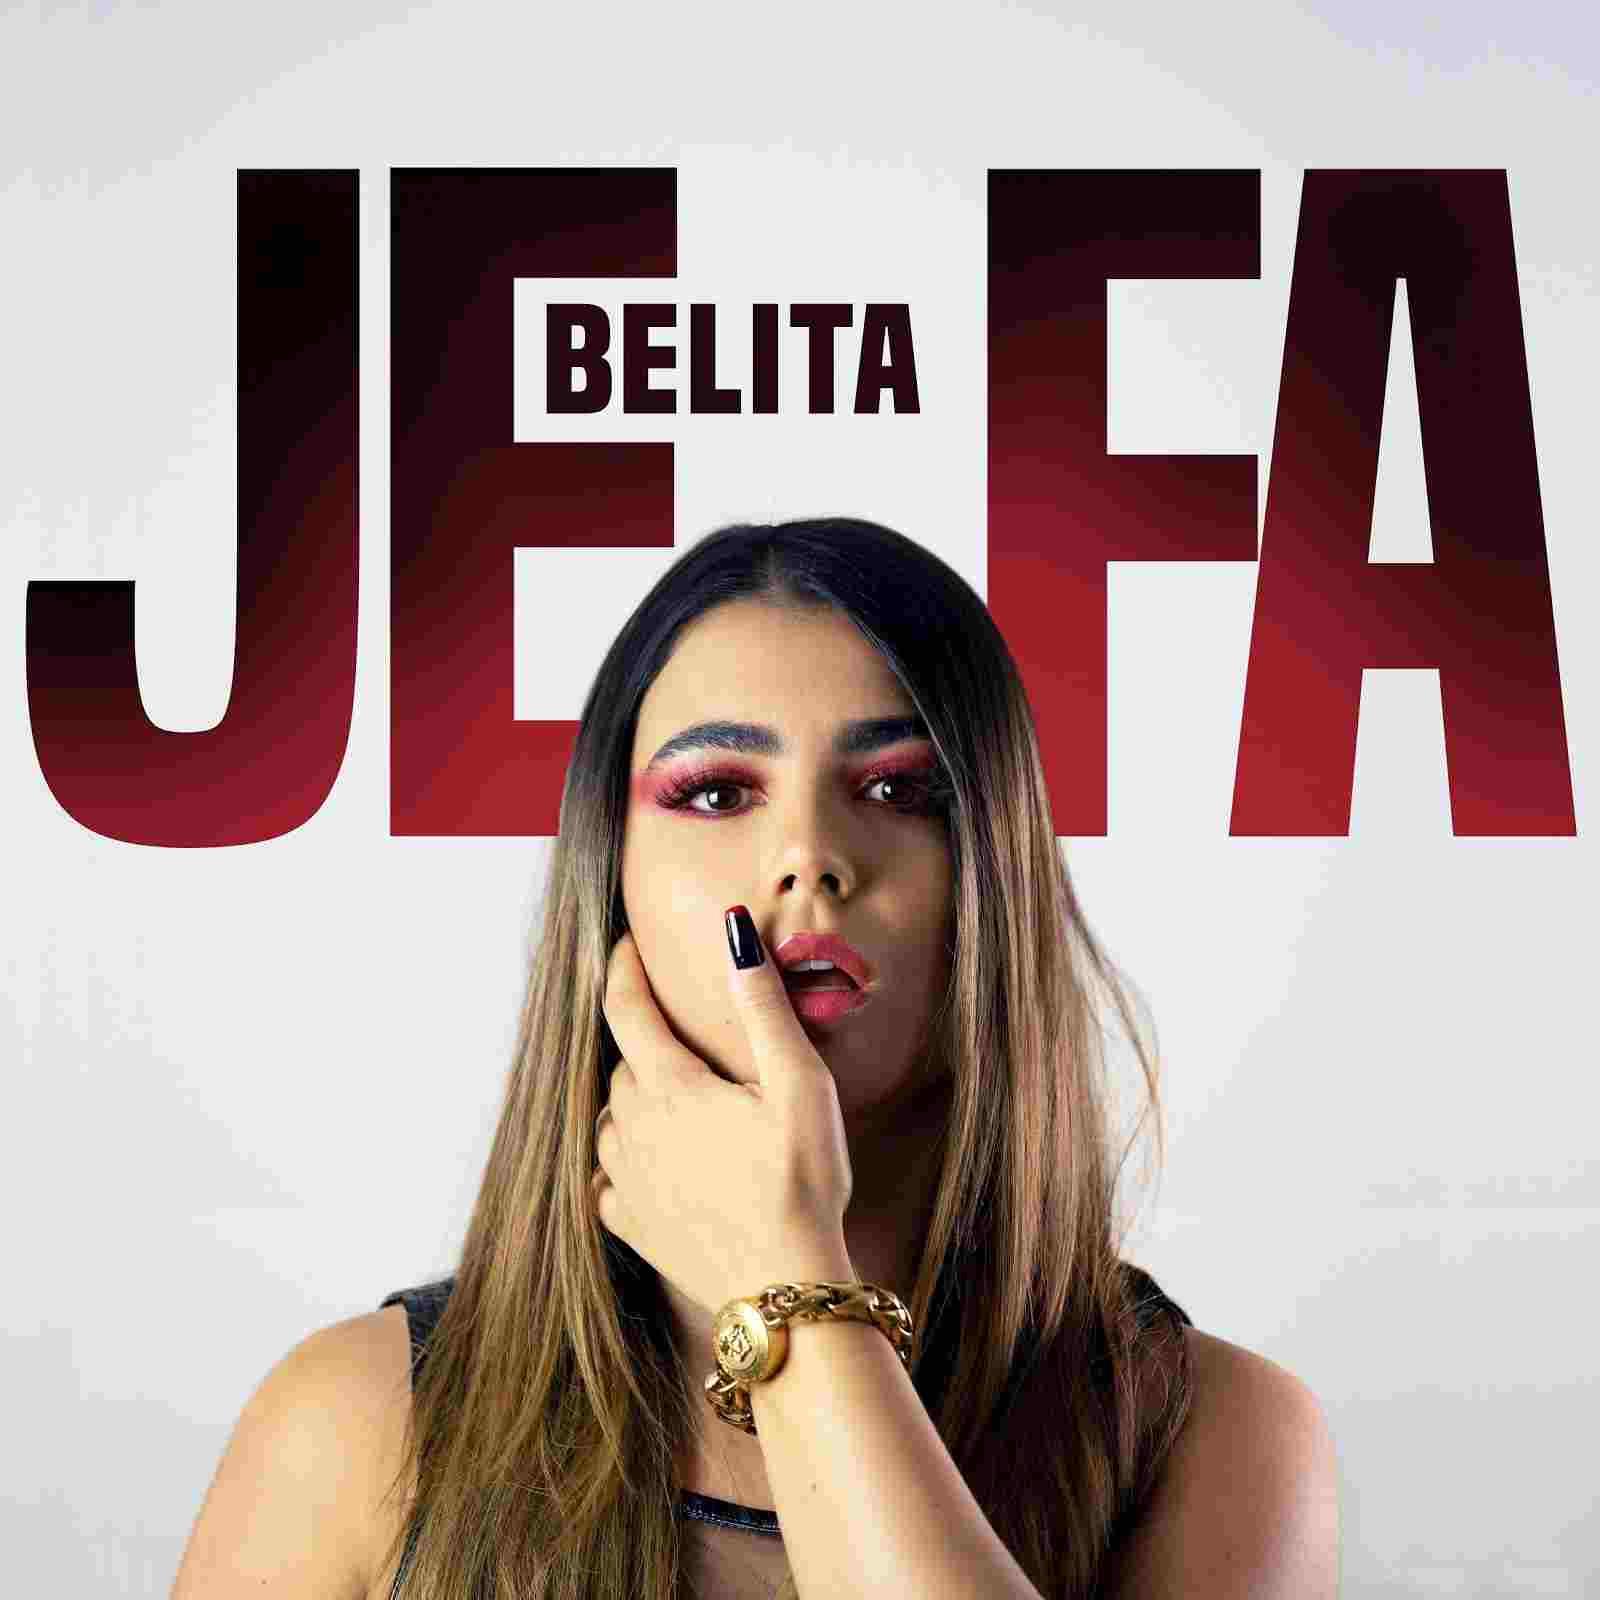 """BELITA """"Jefa"""" il reggaeton dell'artista italo-brasiliana esplode nel nuovo brano registrato al Massive Arts Studios"""